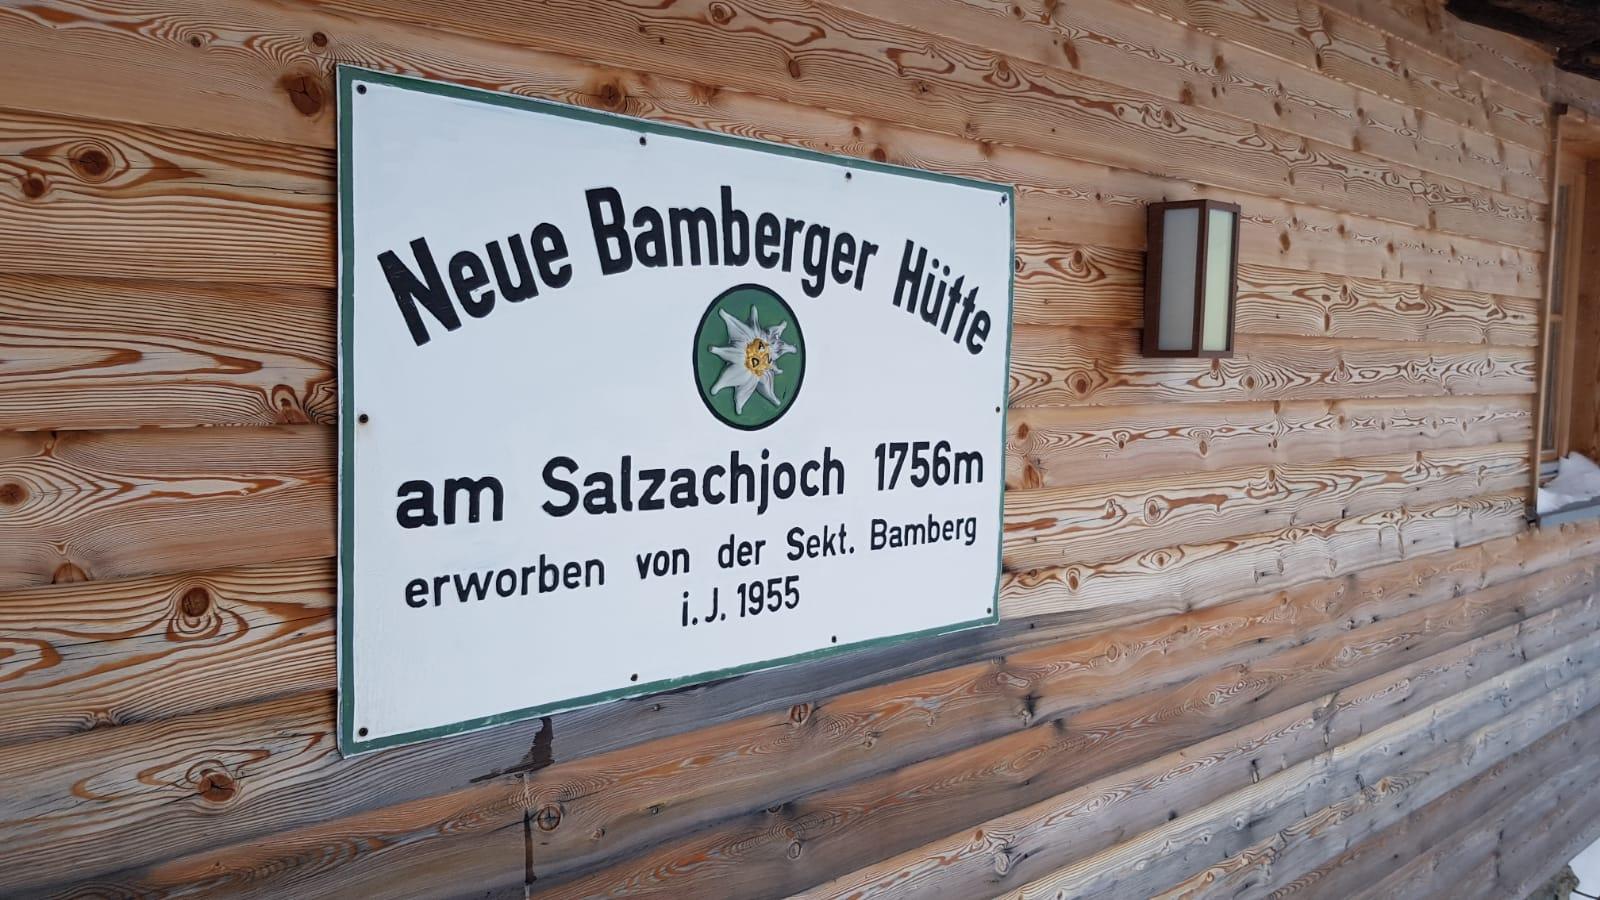 Bamberger Hütte